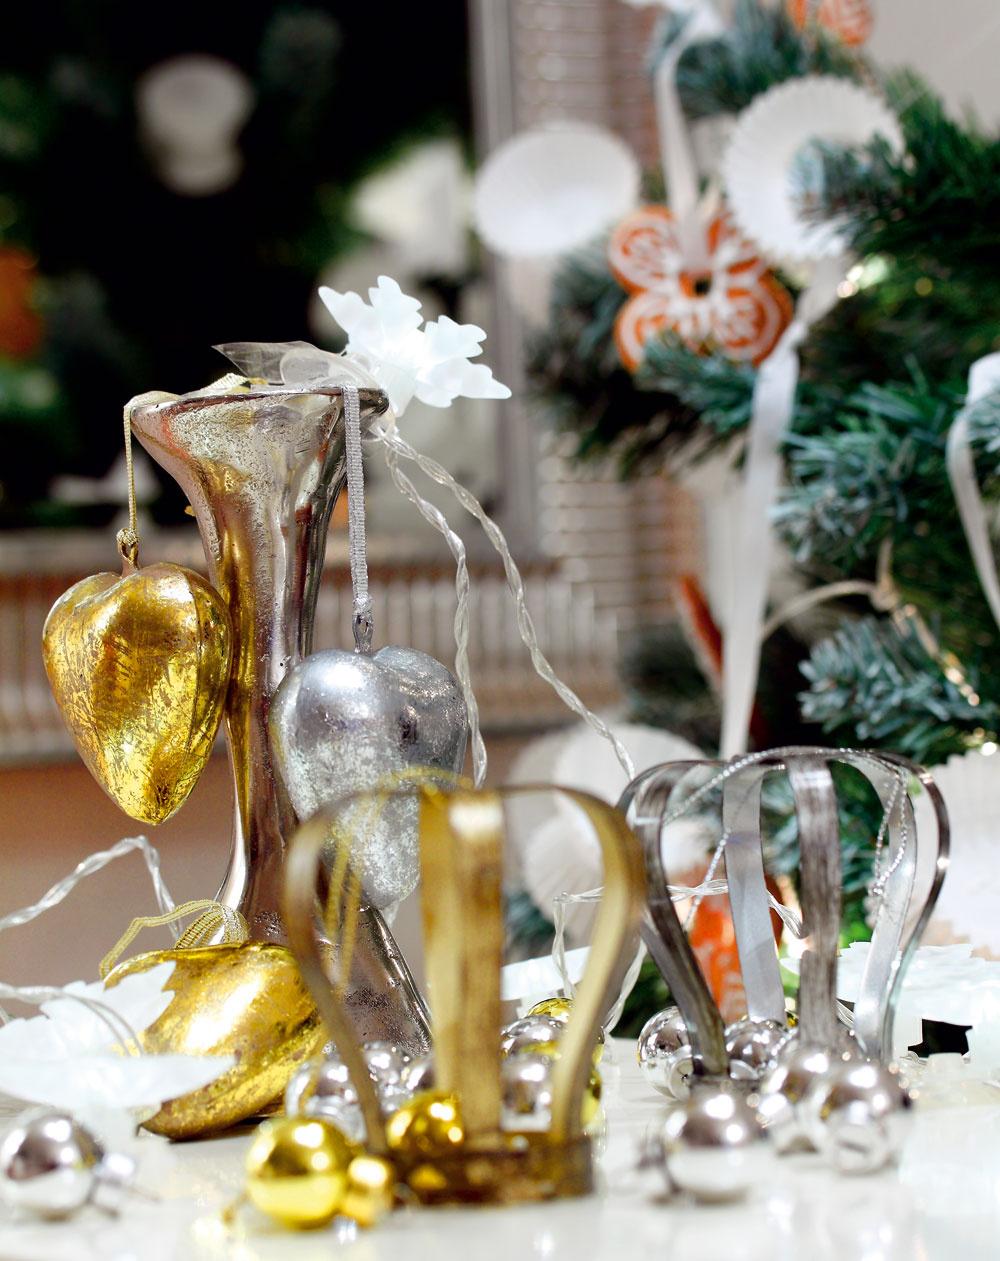 Svietnik Sax, 16 cm, cena 19 €. Predáva Design House. Dekorácie zkolekcie Yrsnö, oceľové, pocínované srdcia, 6 cm, cena 5,99 €/6 ks, oceľové koruny, 7,5cm, cena 3,99 €/3 ks, sklenené strieborné azlaté guľôčky, 2 cm, cena 1,99 €/12 ks. Svetelná reťaz Stråla (10 bielych vločiek sprísavkami), LED diódy, na batérie, 2 m, cena 3,99 €. Predáva IKEA.